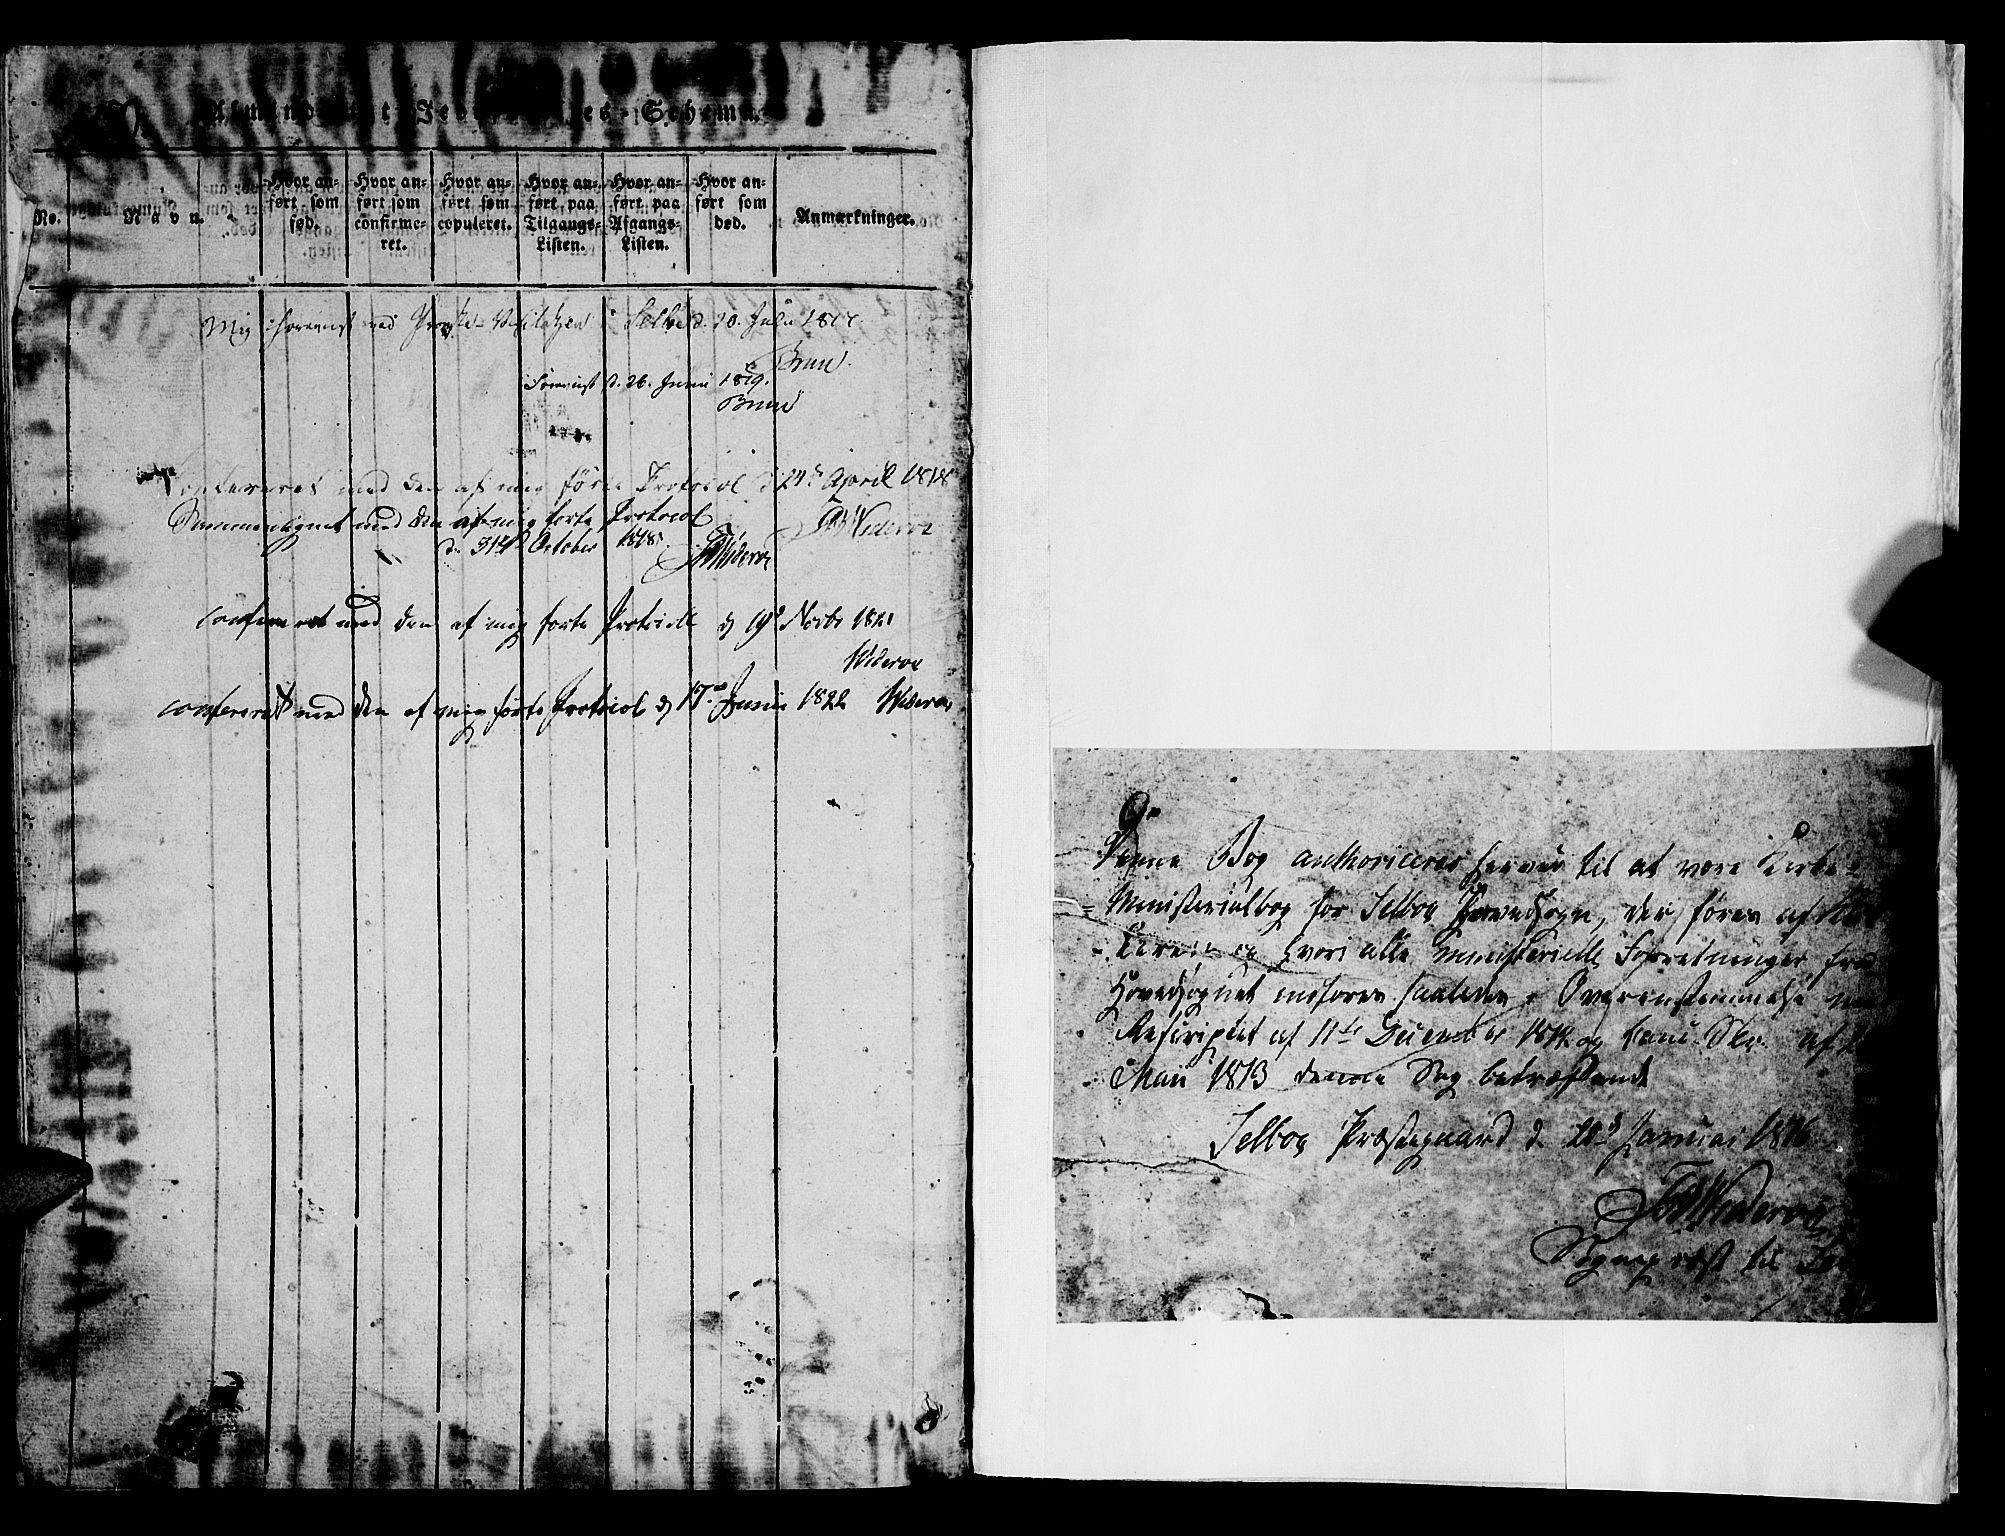 SAT, Ministerialprotokoller, klokkerbøker og fødselsregistre - Sør-Trøndelag, 695/L1152: Klokkerbok nr. 695C03, 1816-1831